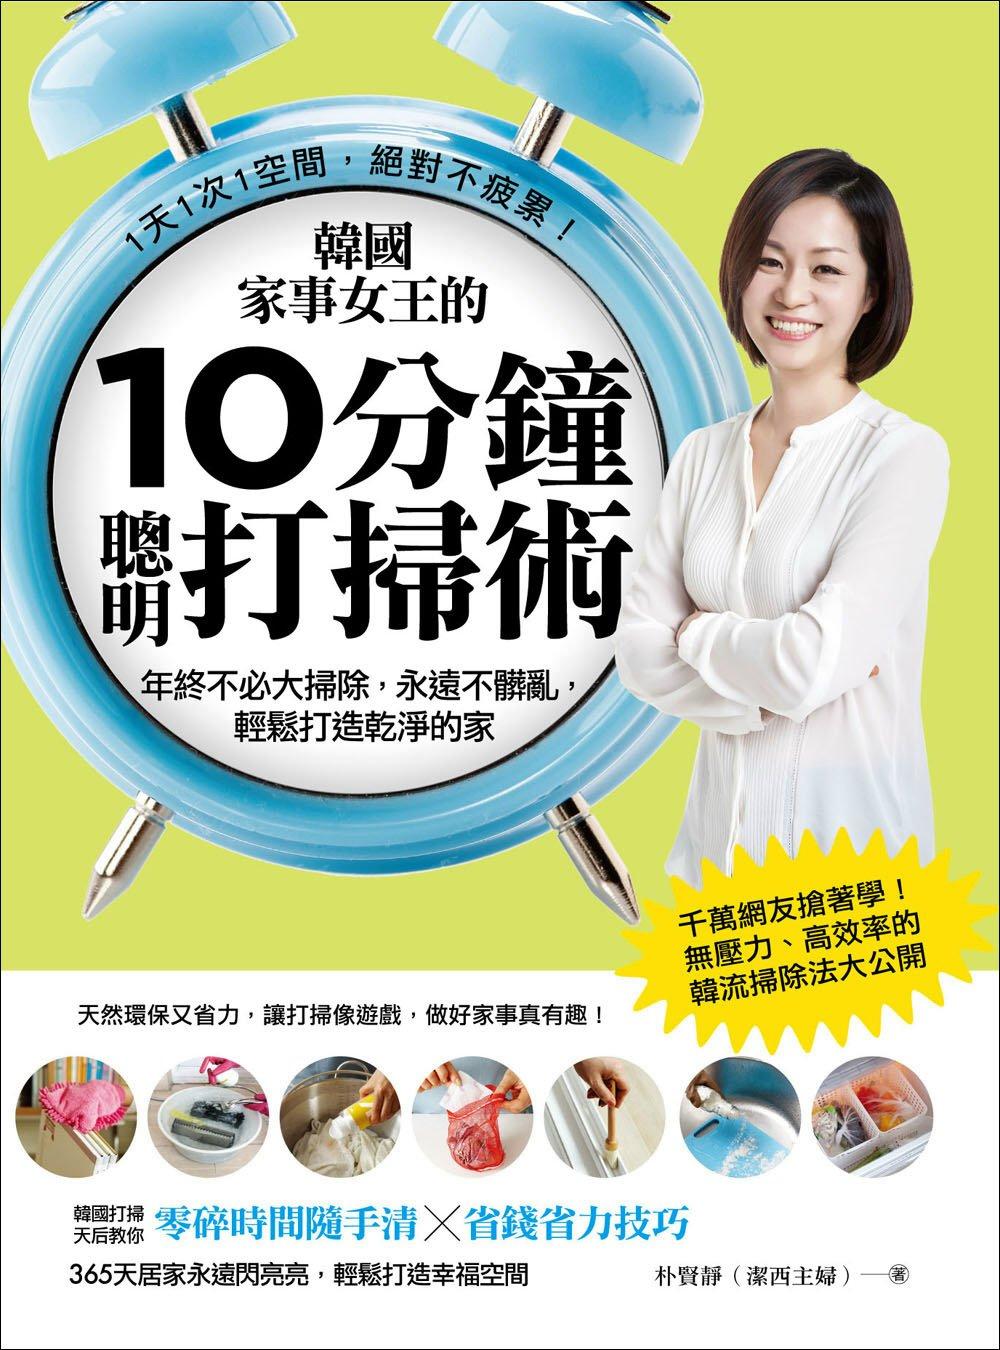 韓國家事女王的10分鐘聰明打掃術:1天1次1空間,絕對不疲累!年終不必大掃除,永遠不髒亂,輕鬆打造乾淨的家